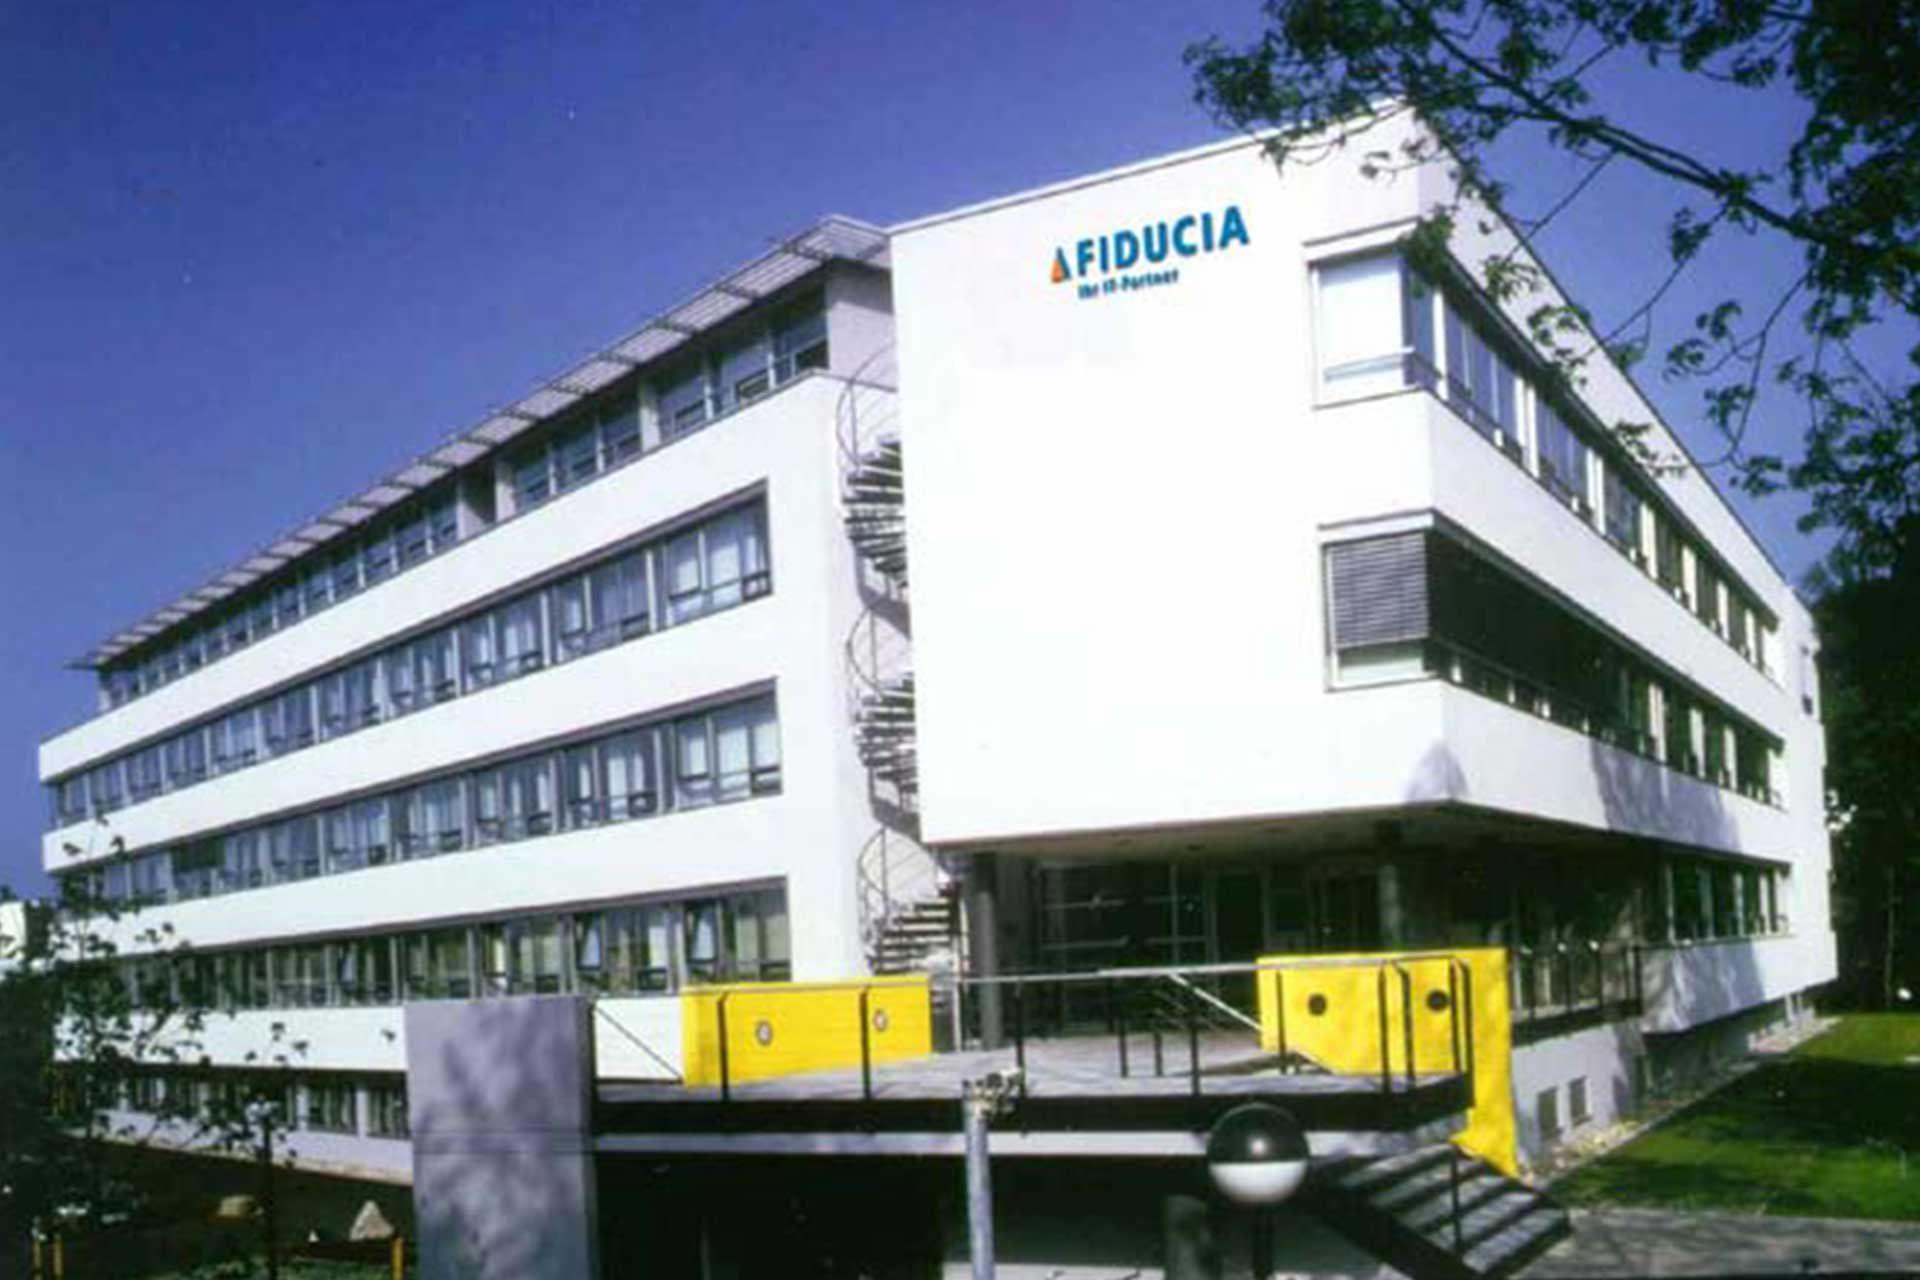 Fiducia Zentrale in Karlsruhe, Deutschland